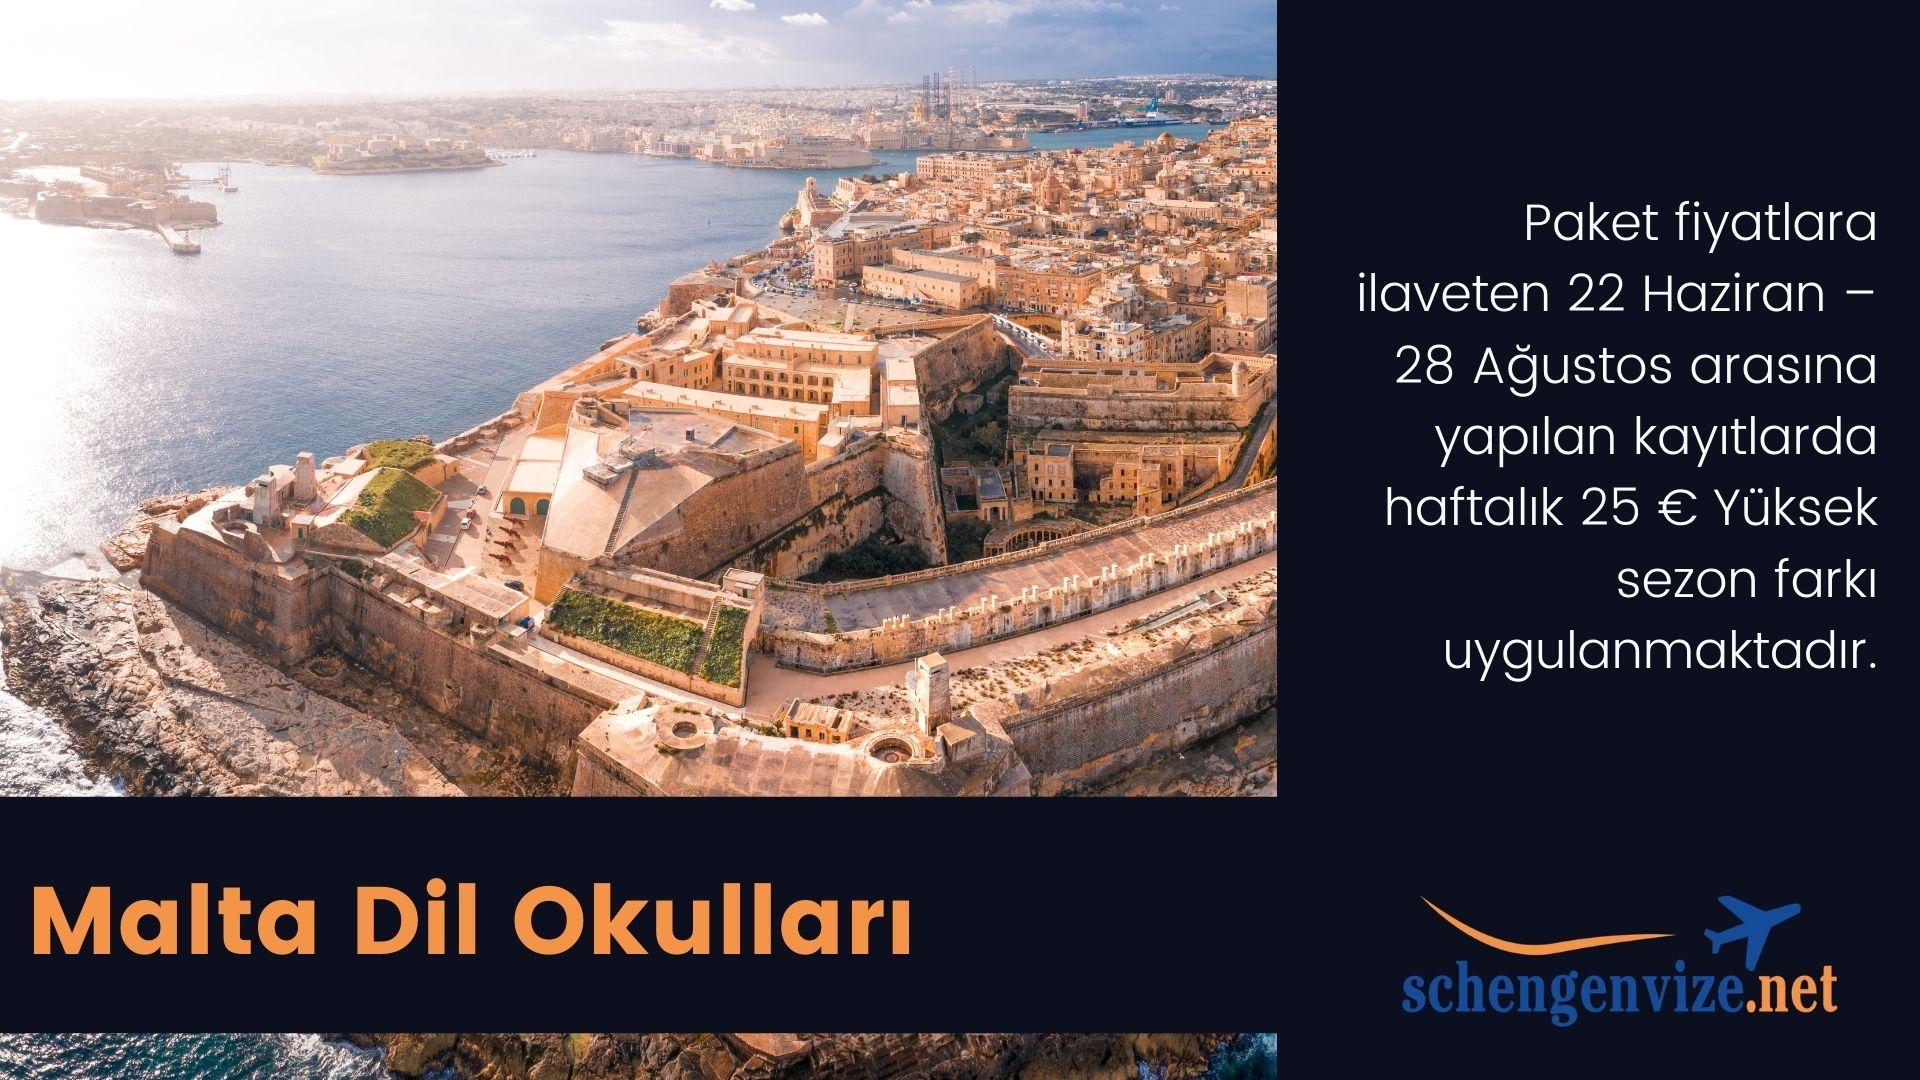 Malta Kampanyalı Dil Okulları